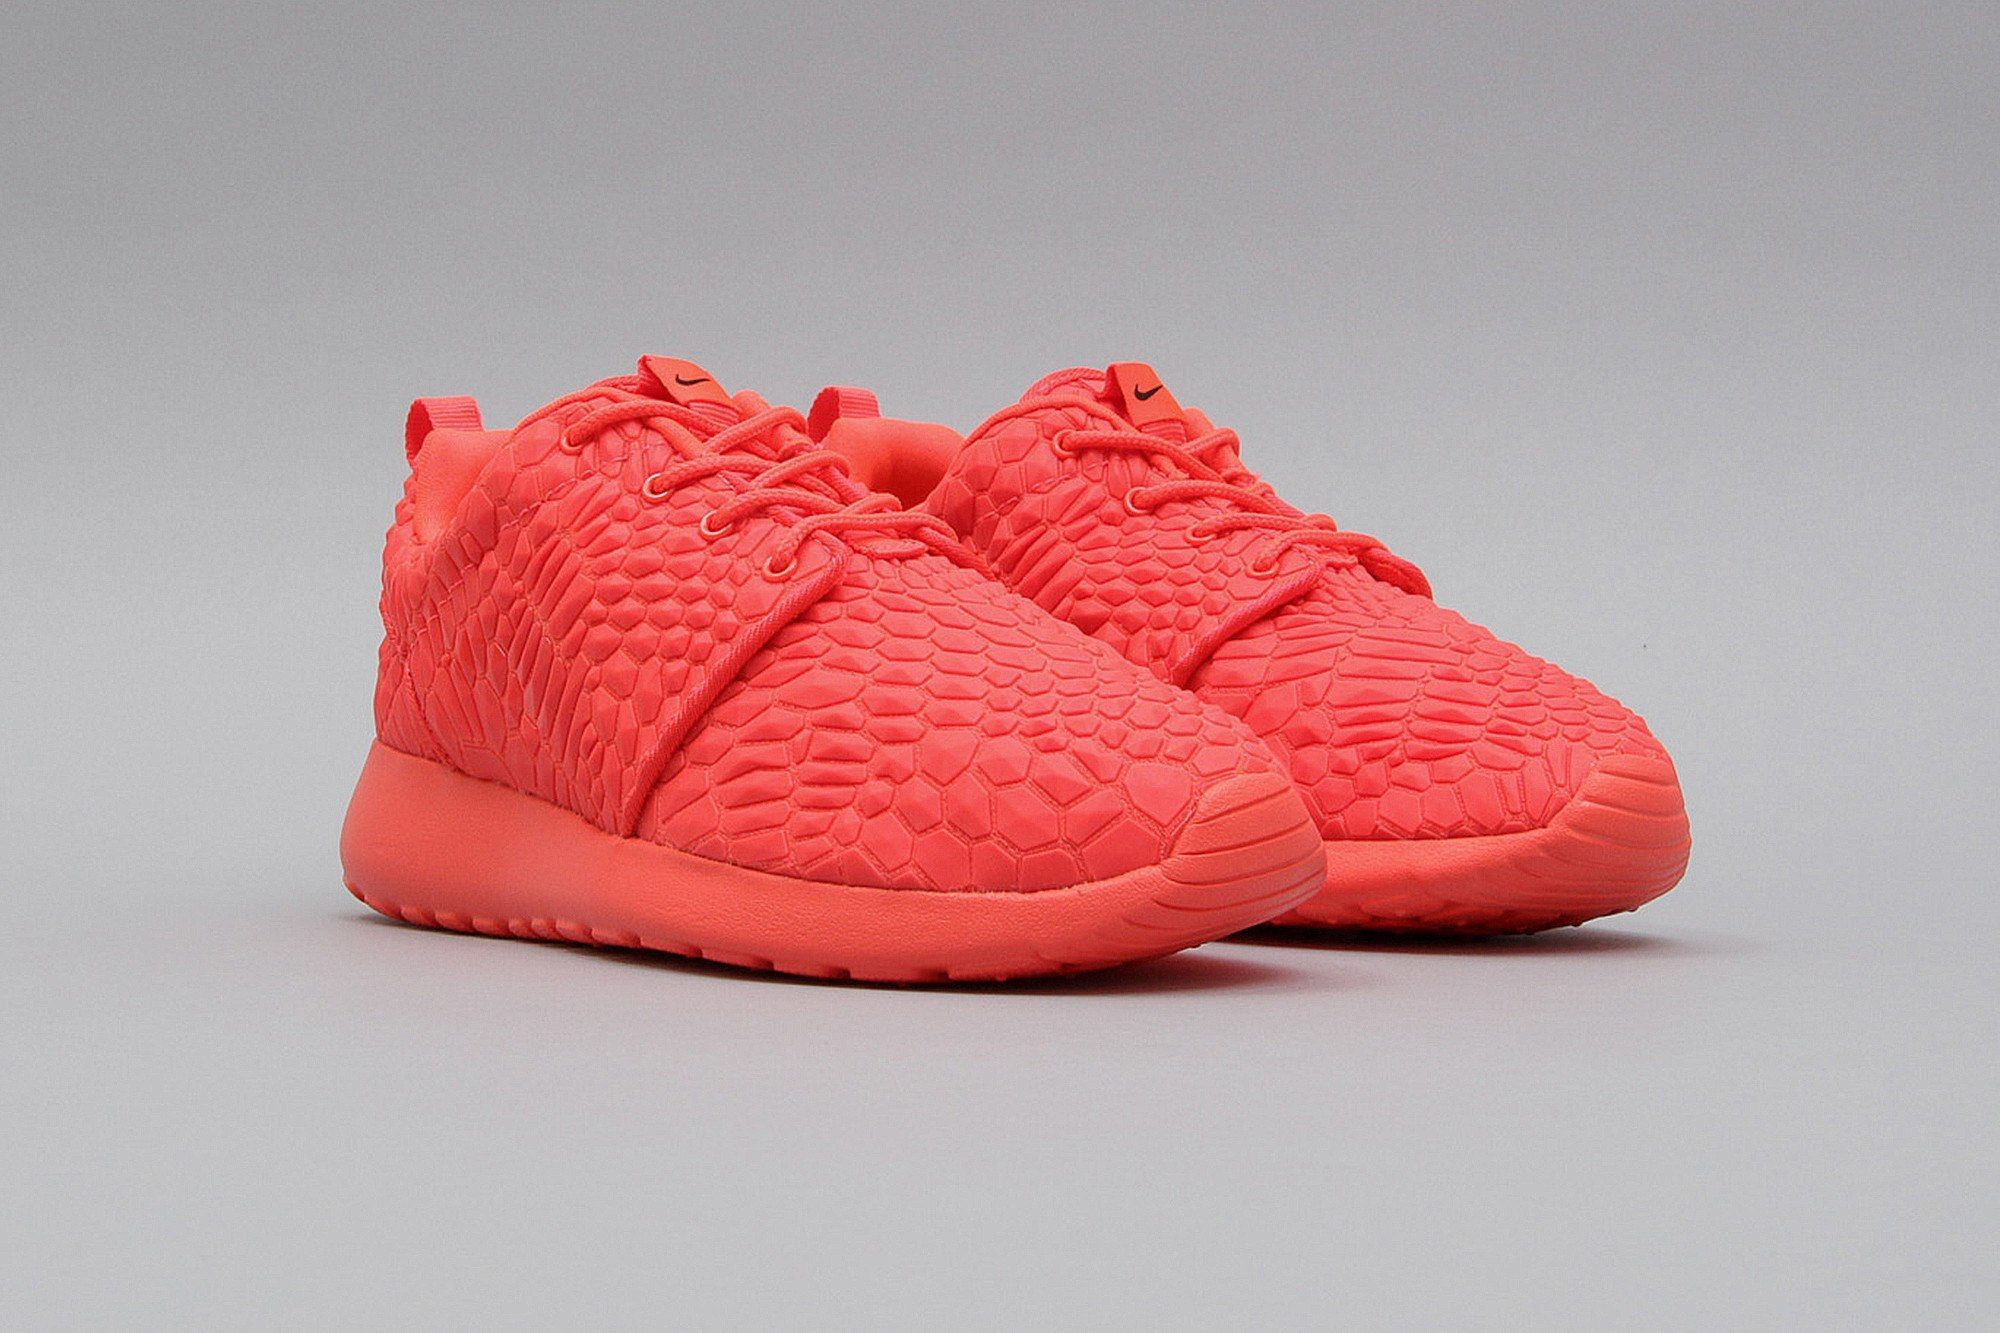 Nike Wmns Roshe One DMB Bright Crimson 807460 600 (Neonrot) from B V D S T